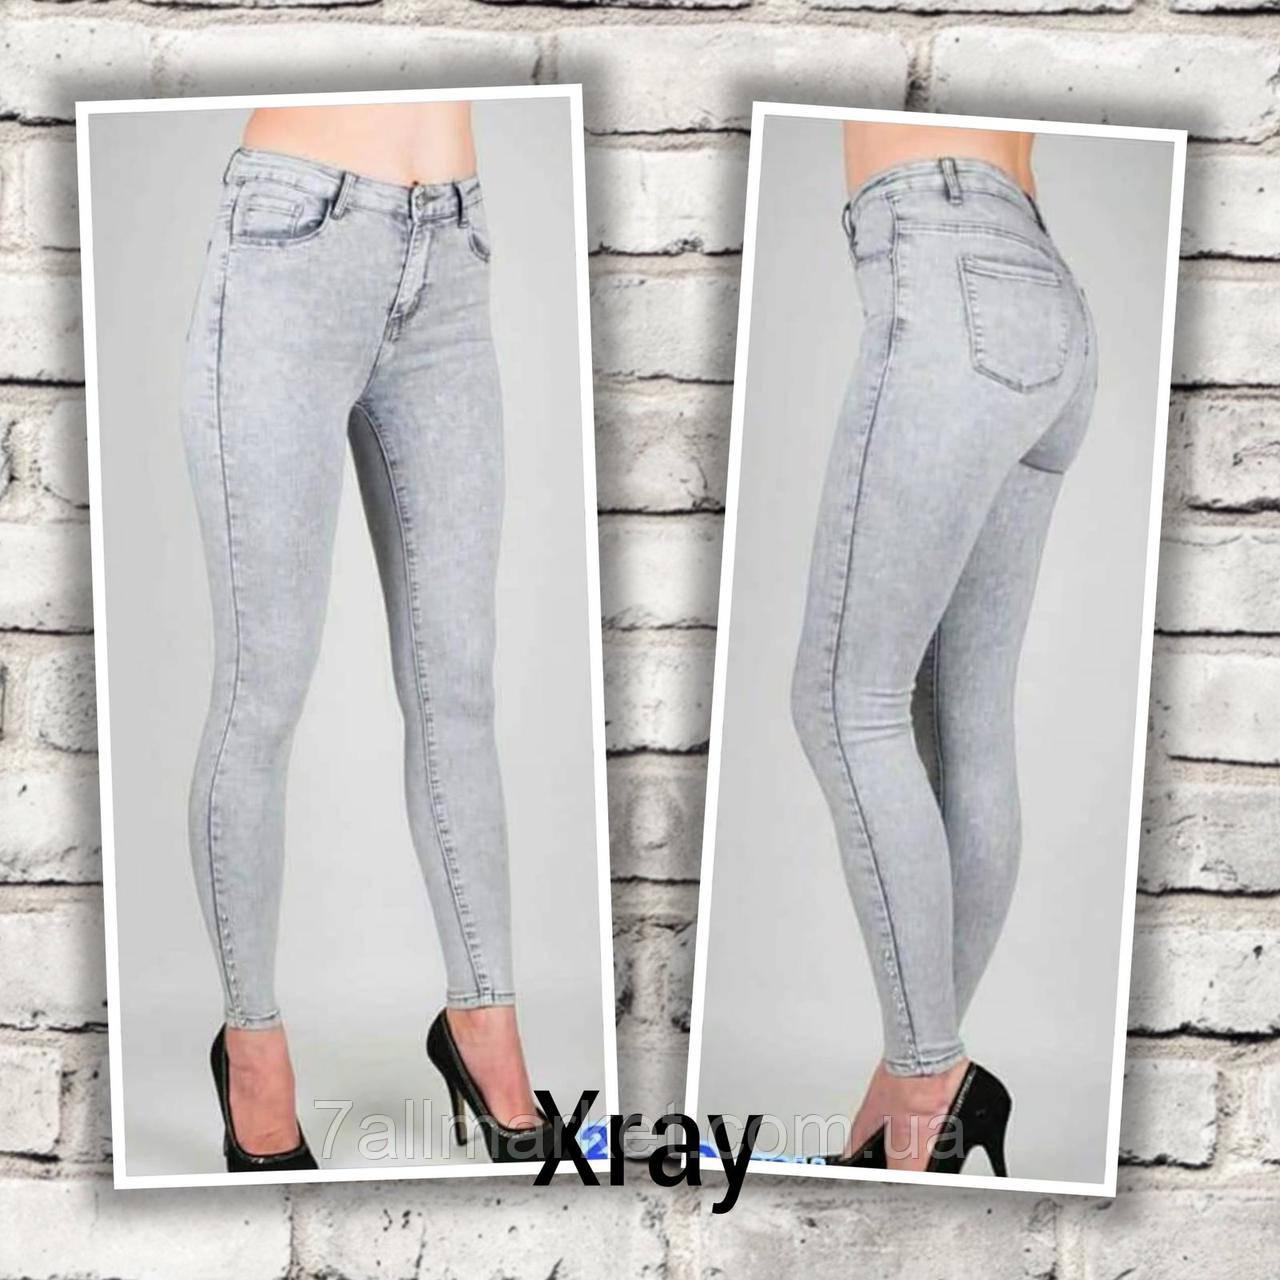 """Джинсы-американки женские Xray стильные размеры 26-32 """"JeansStyle"""" недорого от прямого поставщика"""